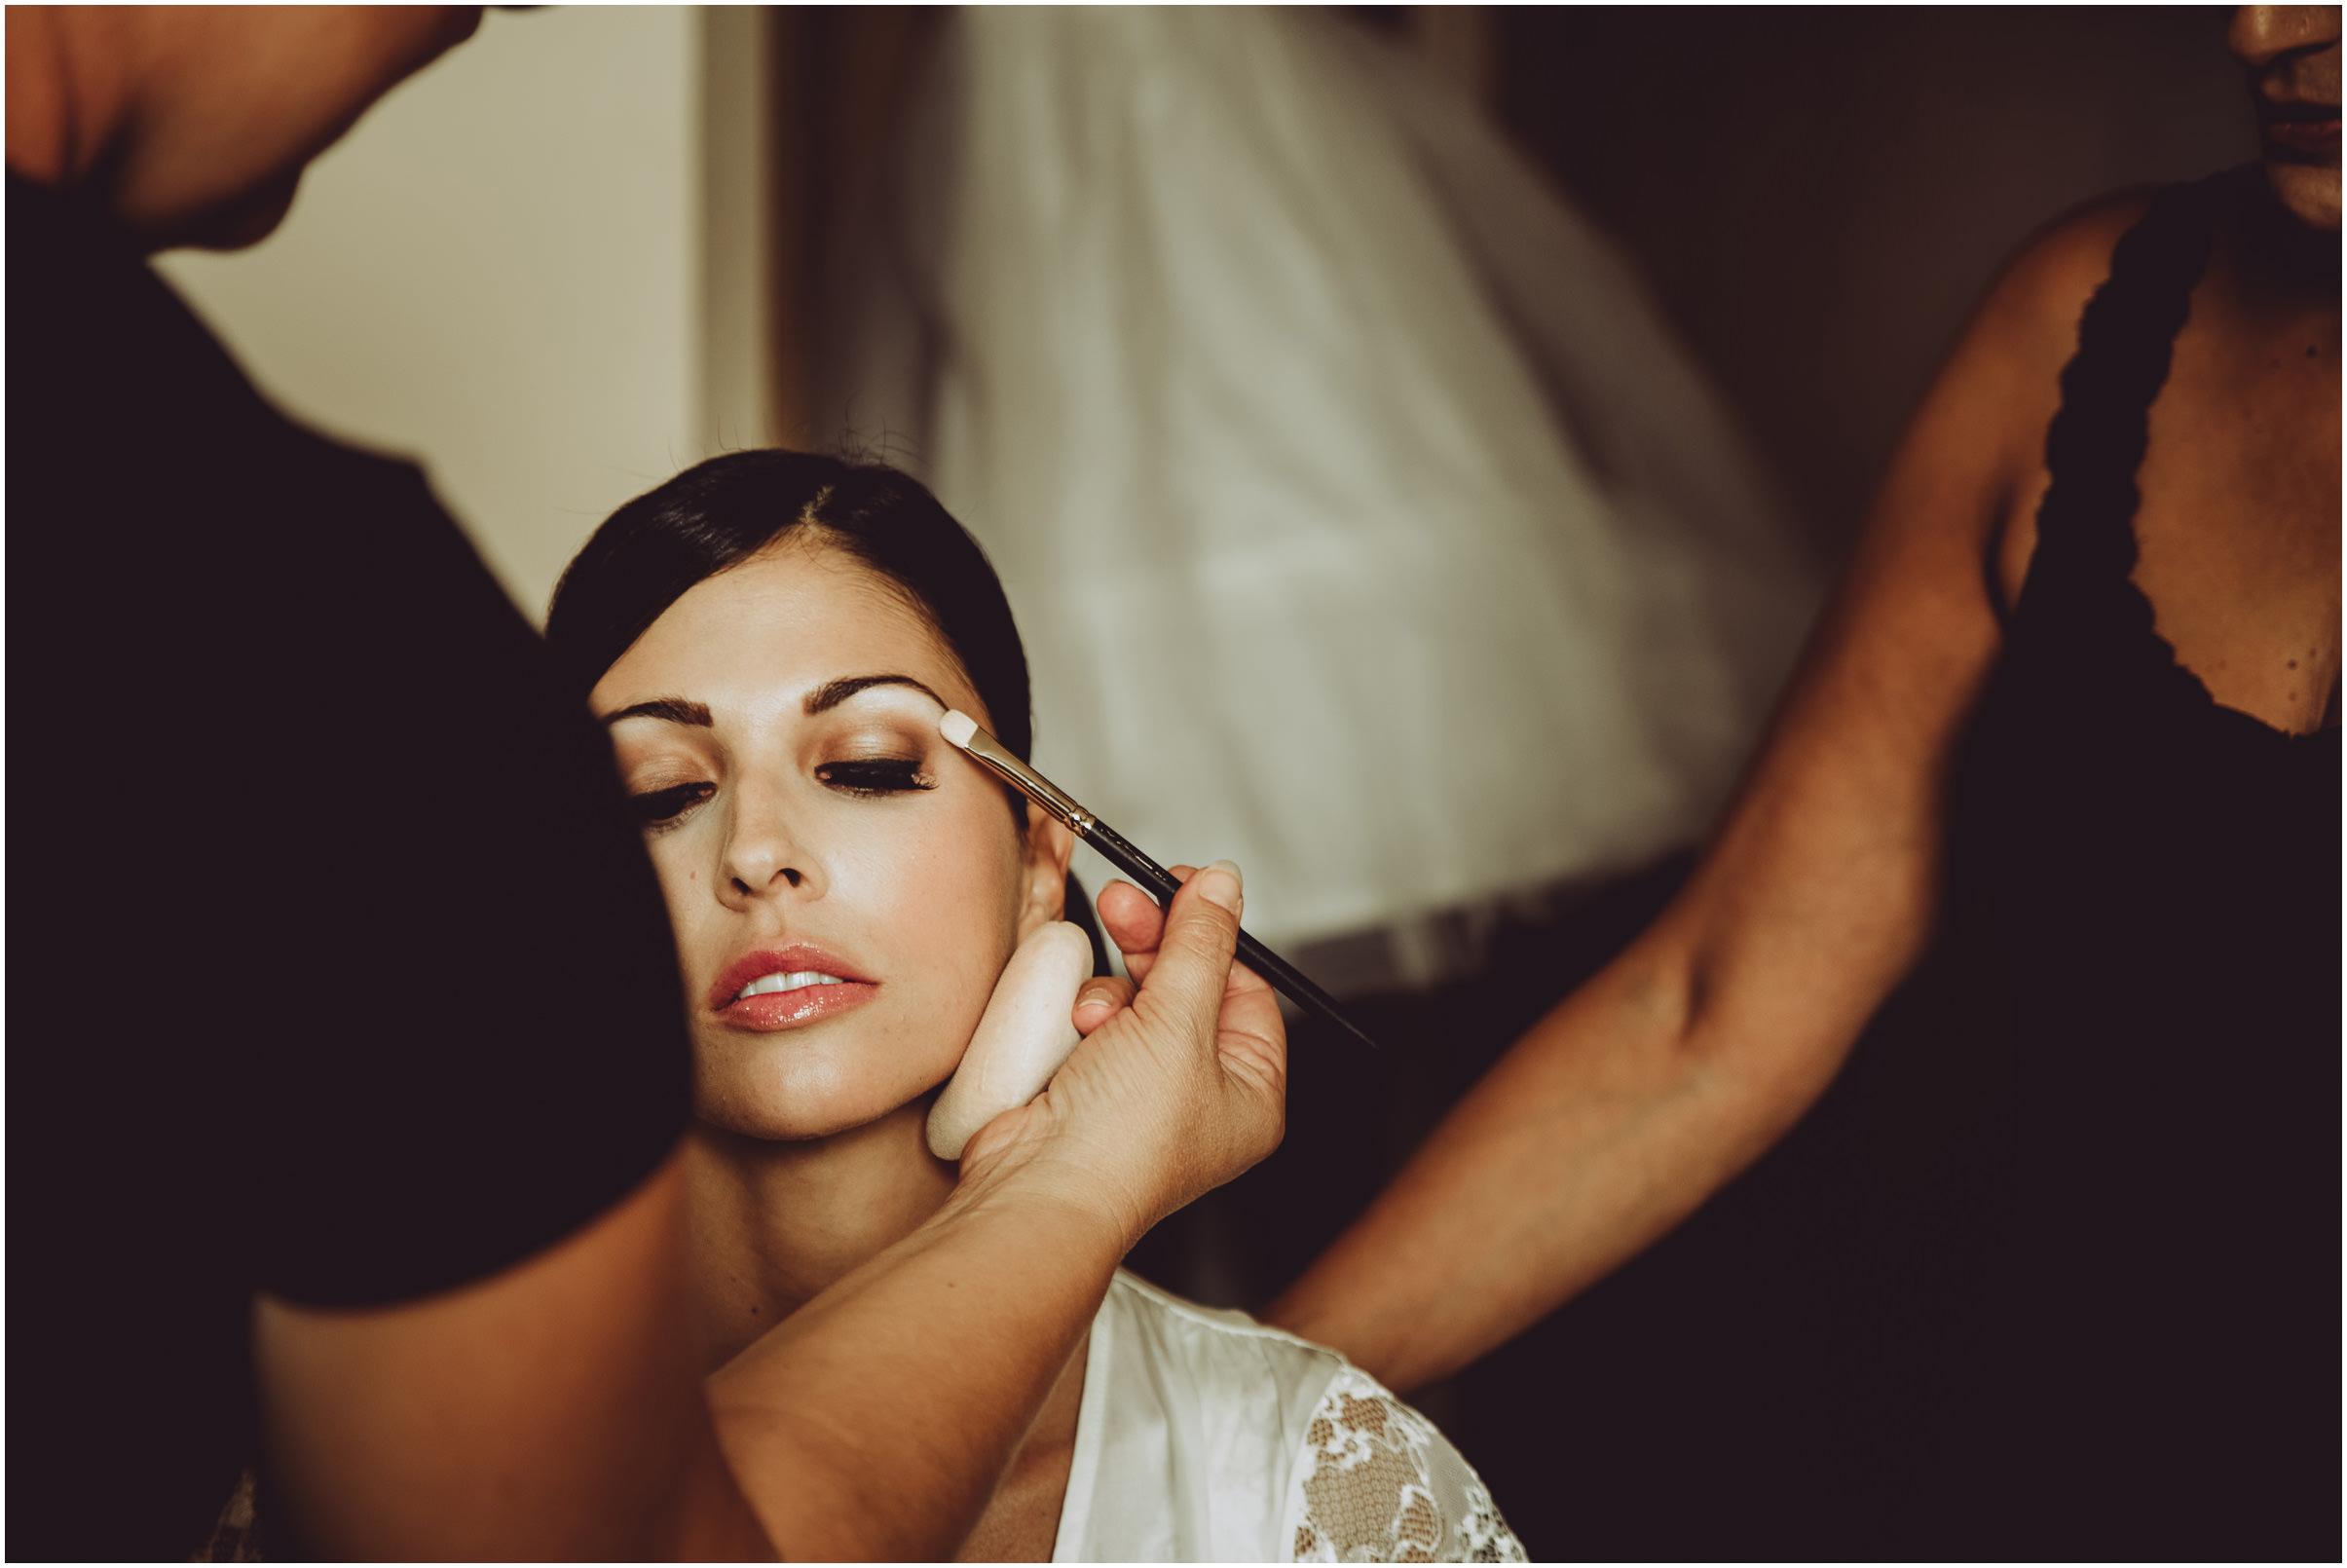 WEDDING-PHOTOGRAPHY-SARA-LORENZONI-FOTOGRAFIA-MATRIMONIO-AREZZO-TUSCANY-EVENTO-LE-SPOSE-DI-GIANNI-ELISA-LUCA003